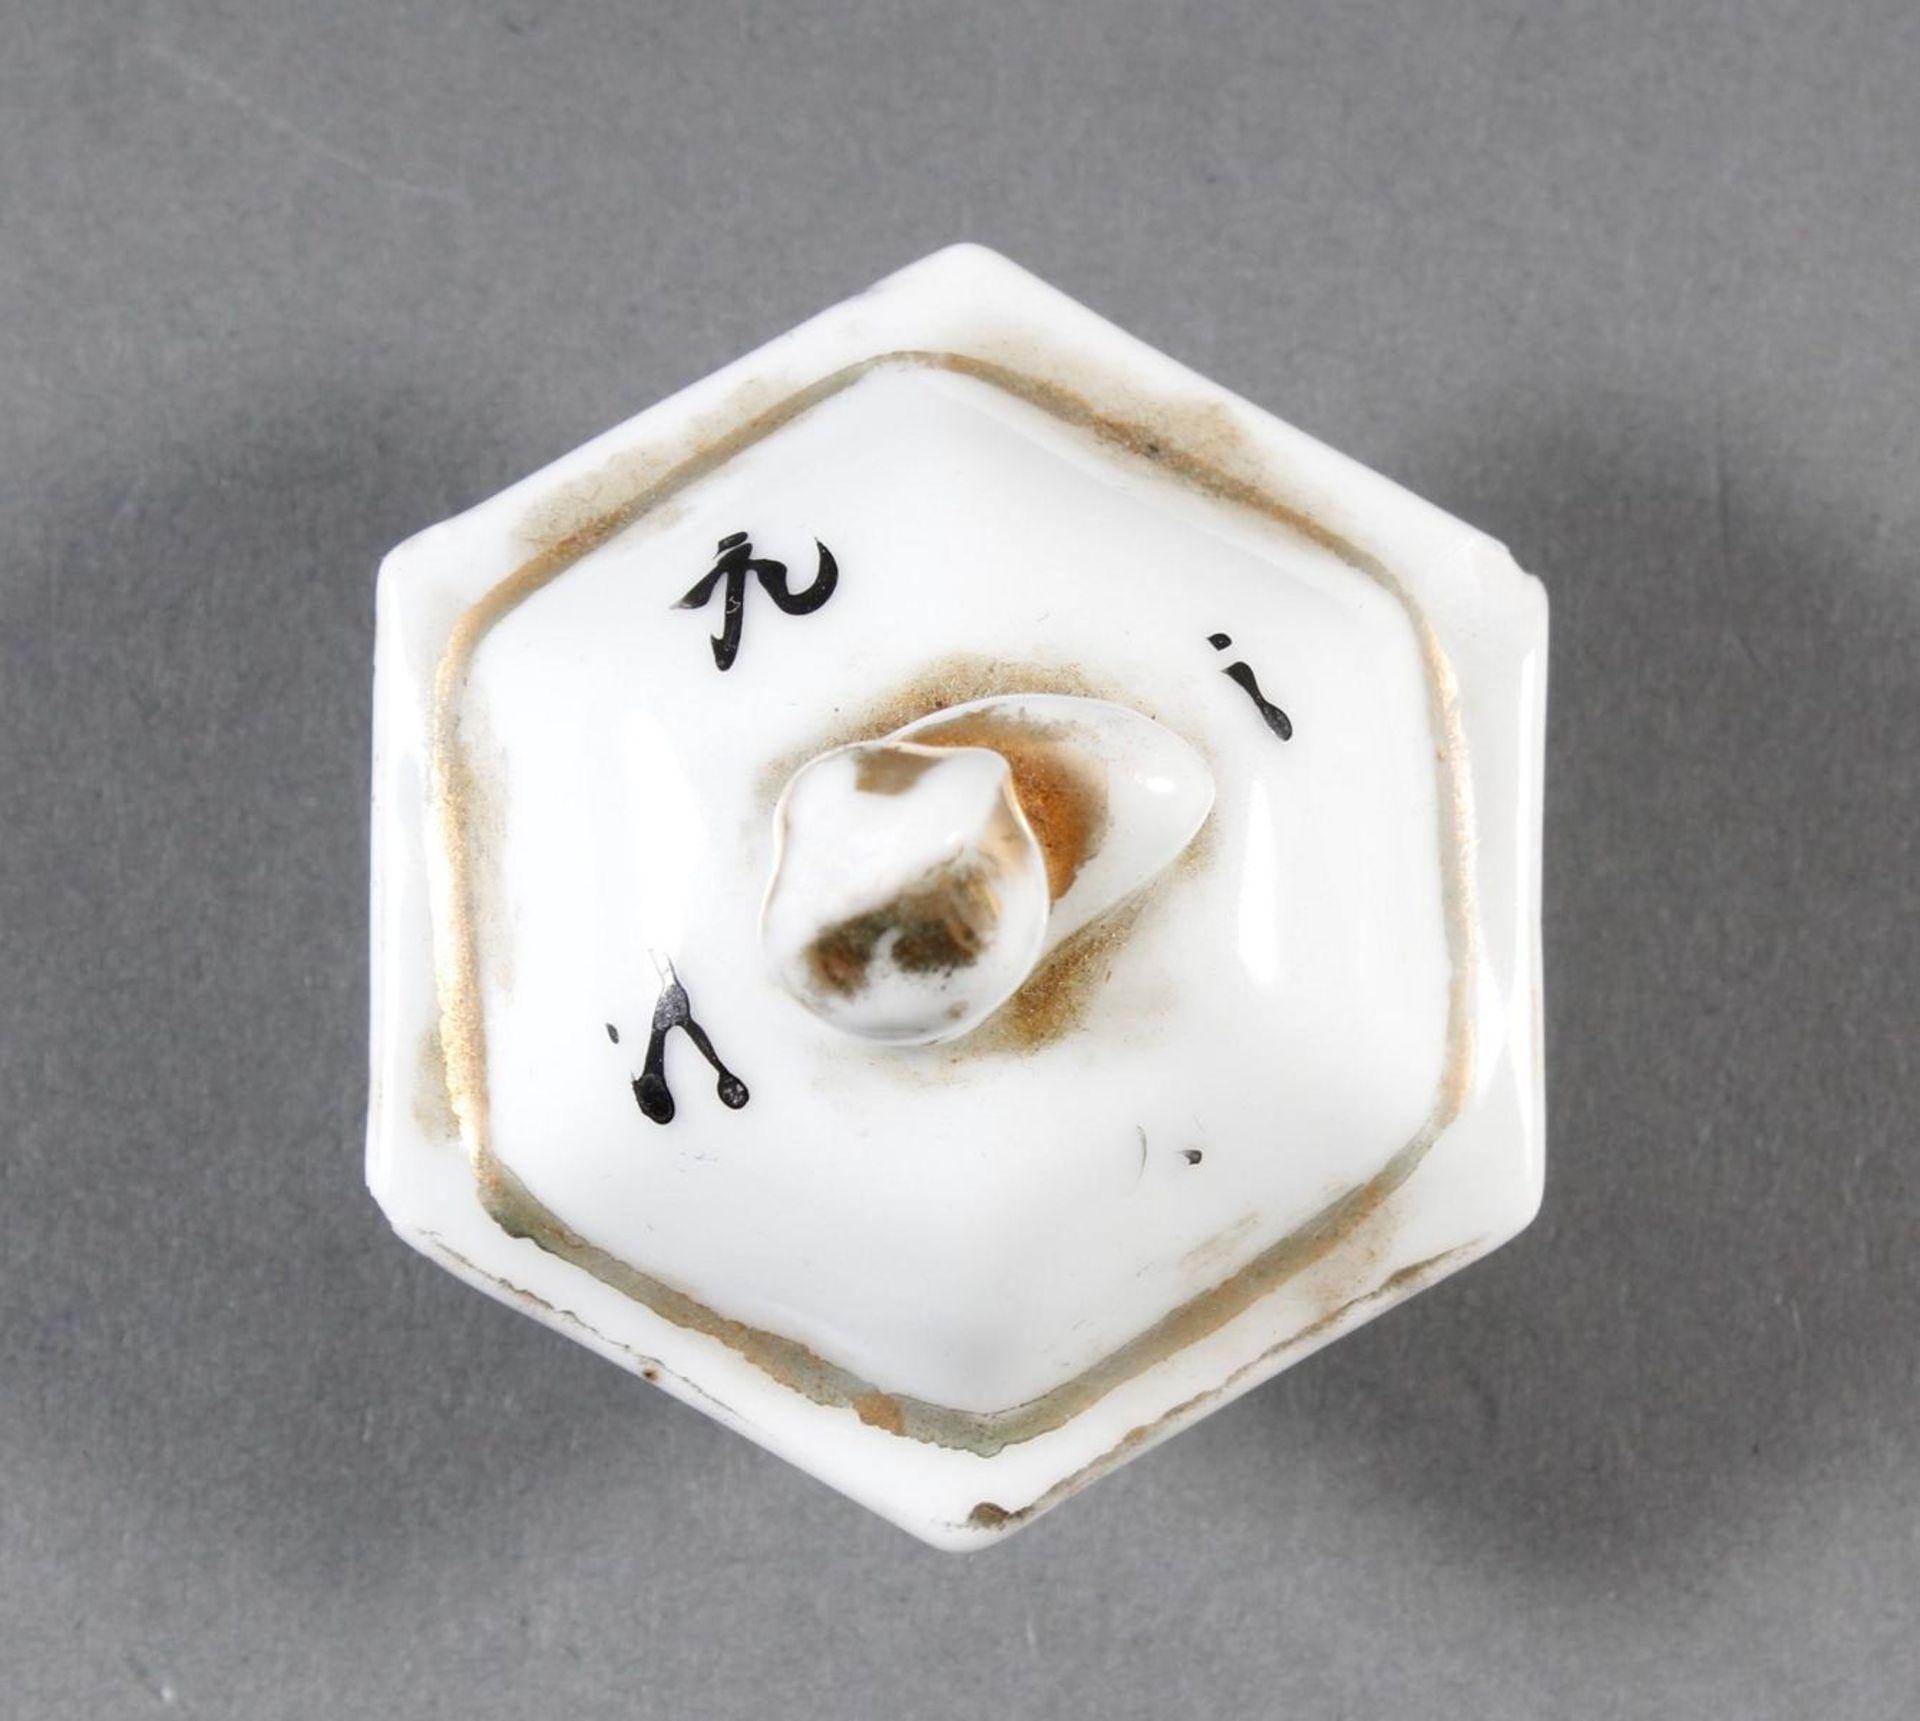 Porzellan Teekann, China, 19. Jahrhundert - Bild 15 aus 15